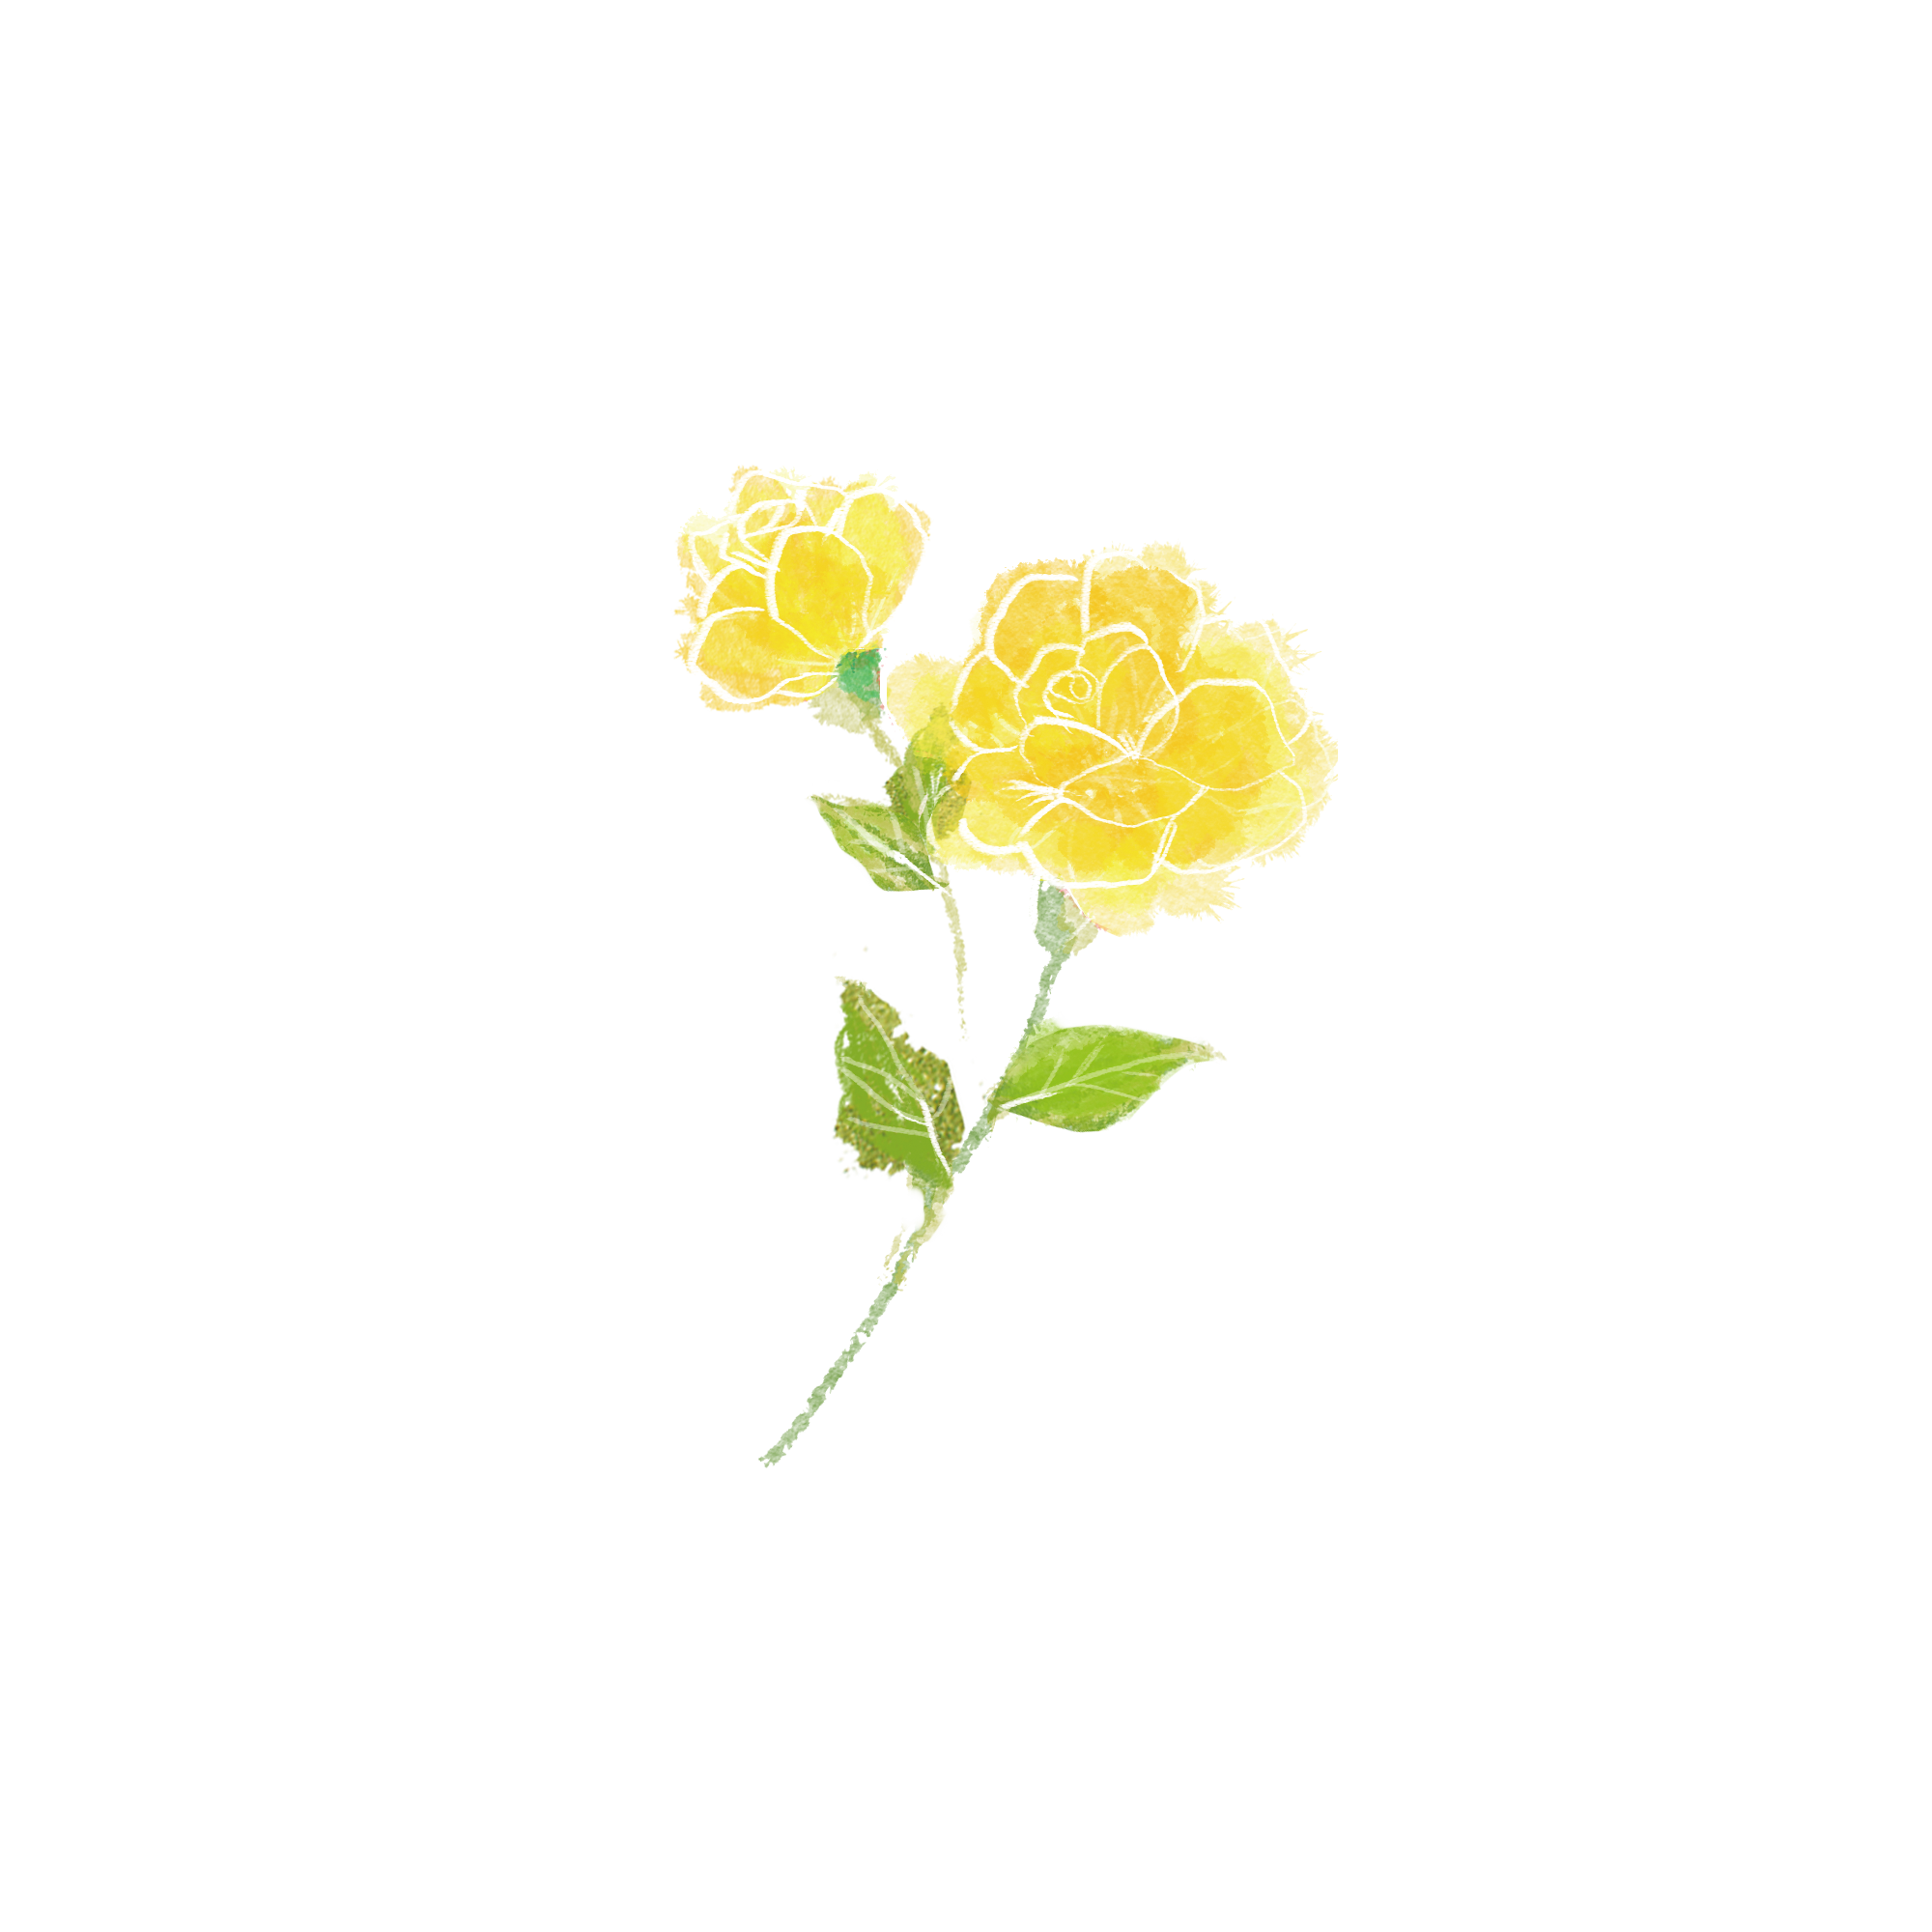 手描きした黄色いバラのイラスト イラスト素材館